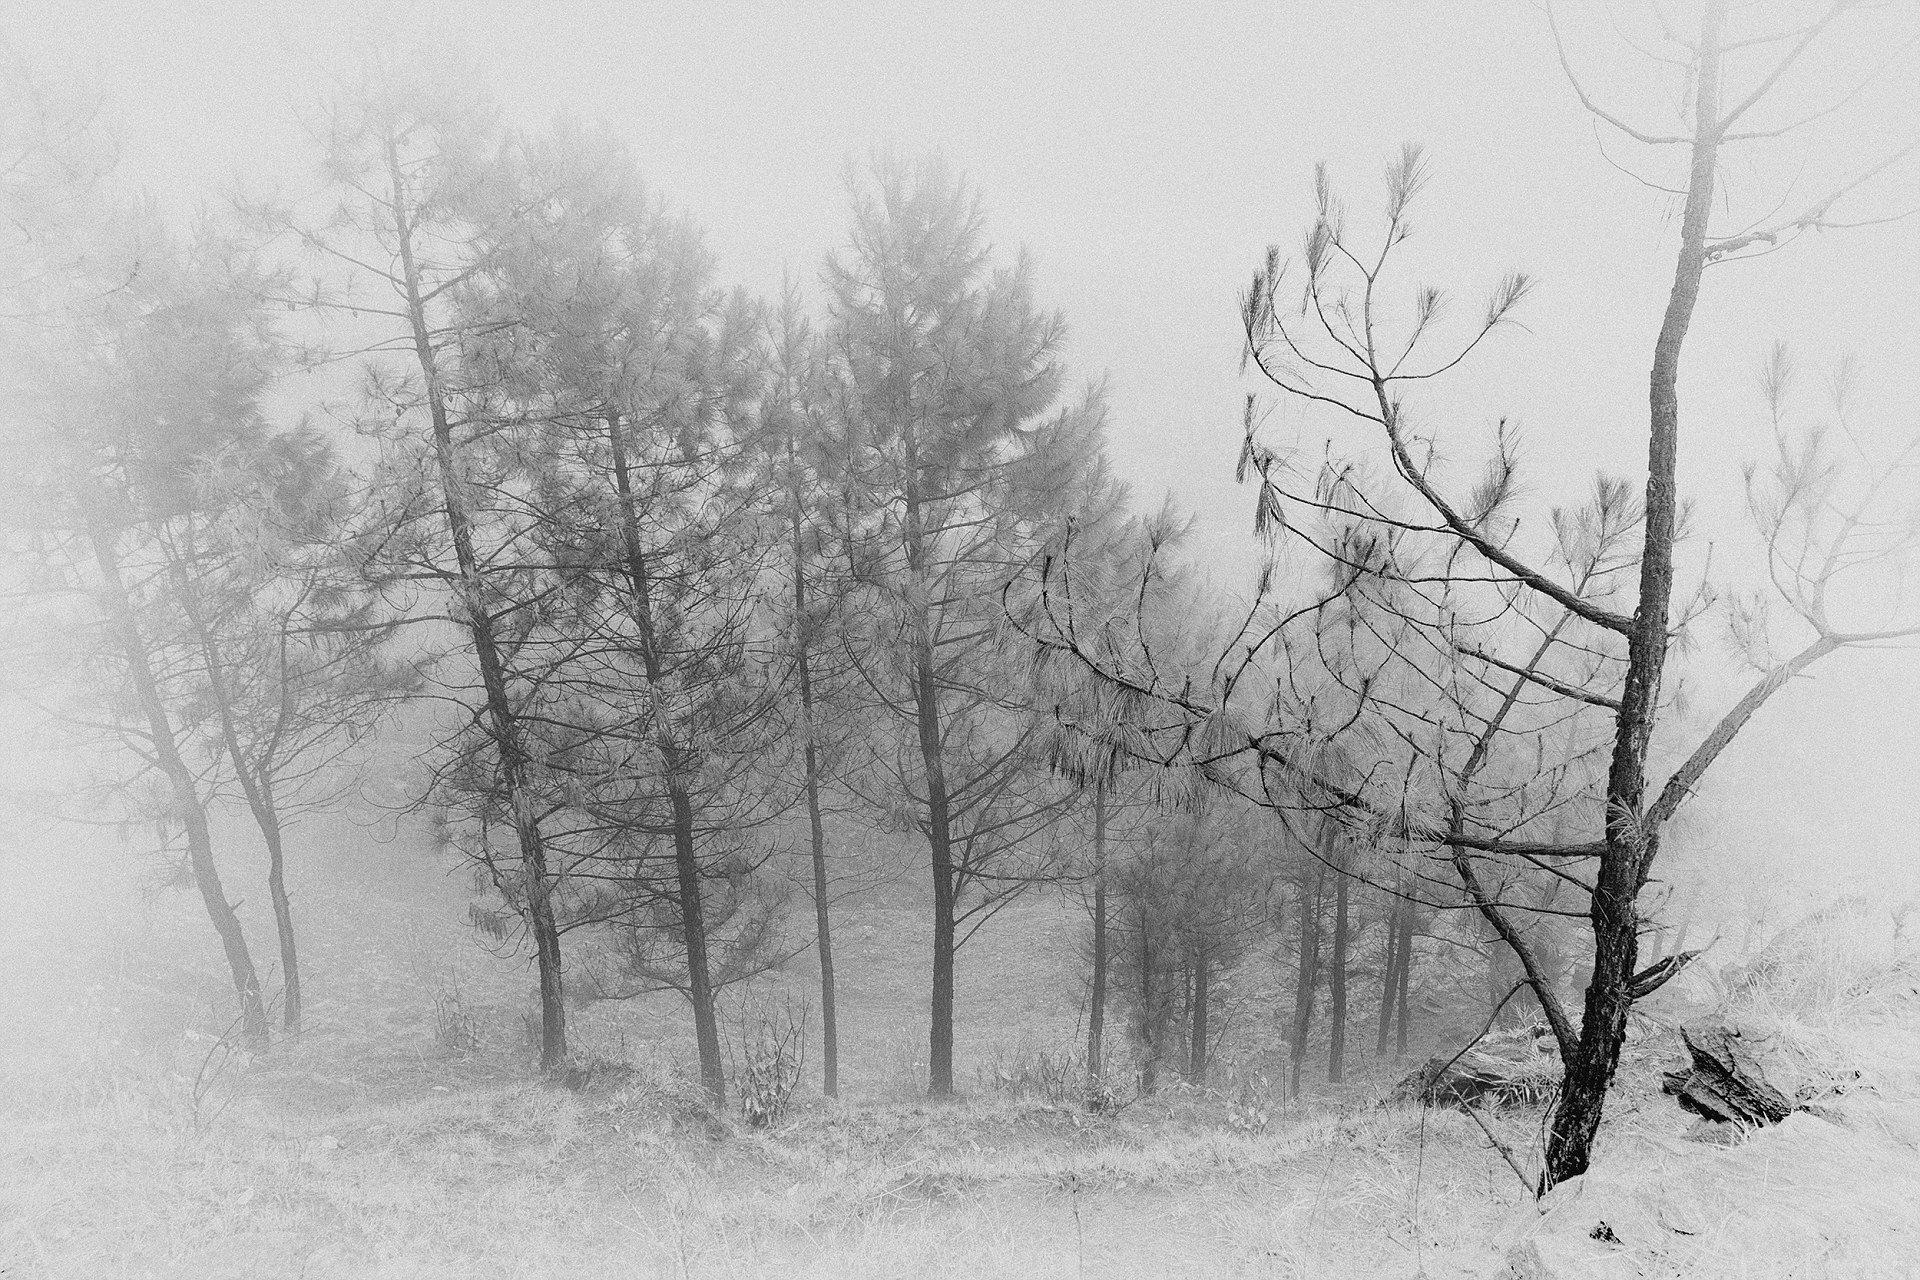 На вершине горы Серро Пан де Асукар, Колумбия. Фотограф - Бернардо Хернандес Sony World Photography, Sony World Photography Awards 2018, лауреаты, лучшие фото, лучшие фотографии, победители, победители конкурса, фотоконкурс